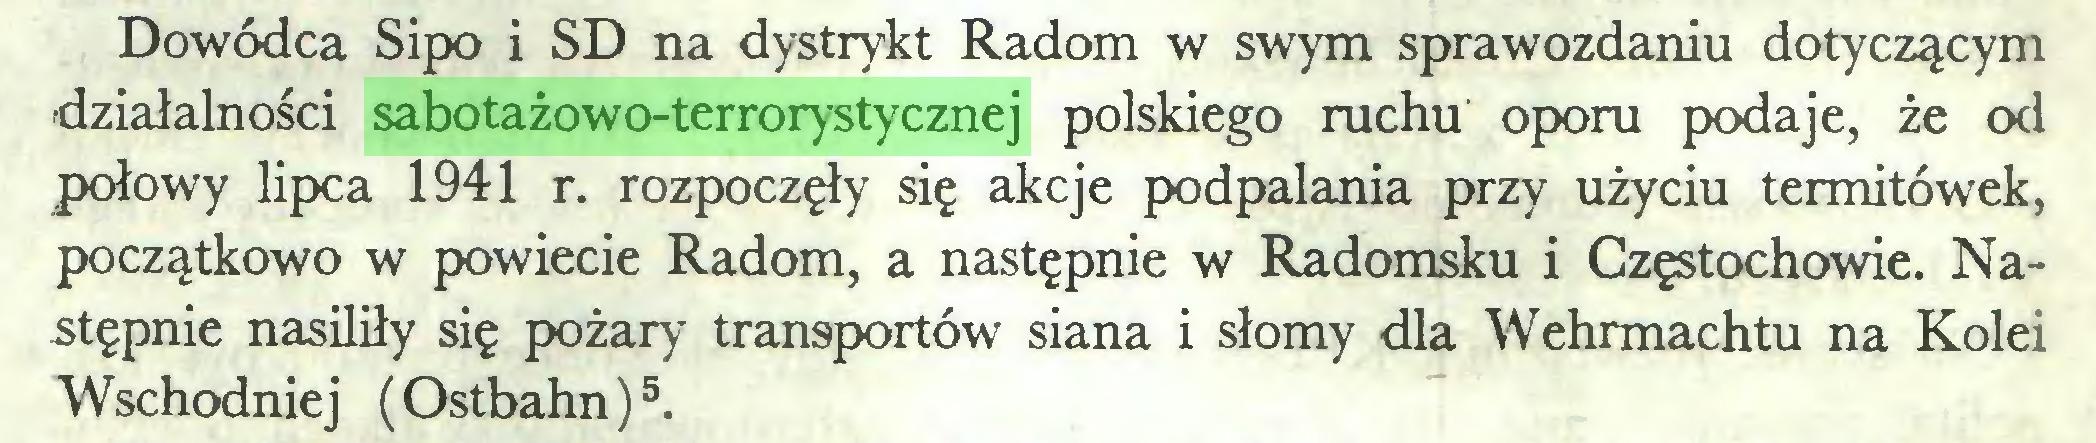 (...) Dowódca Sipo i SD na dystrykt Radom w swym sprawozdaniu dotyczącym działalności sabotażowo-terrorystycznej polskiego ruchu oporu podaje, że od połowy lipca 1941 r. rozpoczęły się akcje podpalania przy użyciu termitówek, początkowo w powiecie Radom, a następnie w Radomsku i Częstochowie. Następnie nasiliły się pożary transportów siana i słomy dla Wehrmachtu na Kolei W schodnie j (Ostbahn)5...